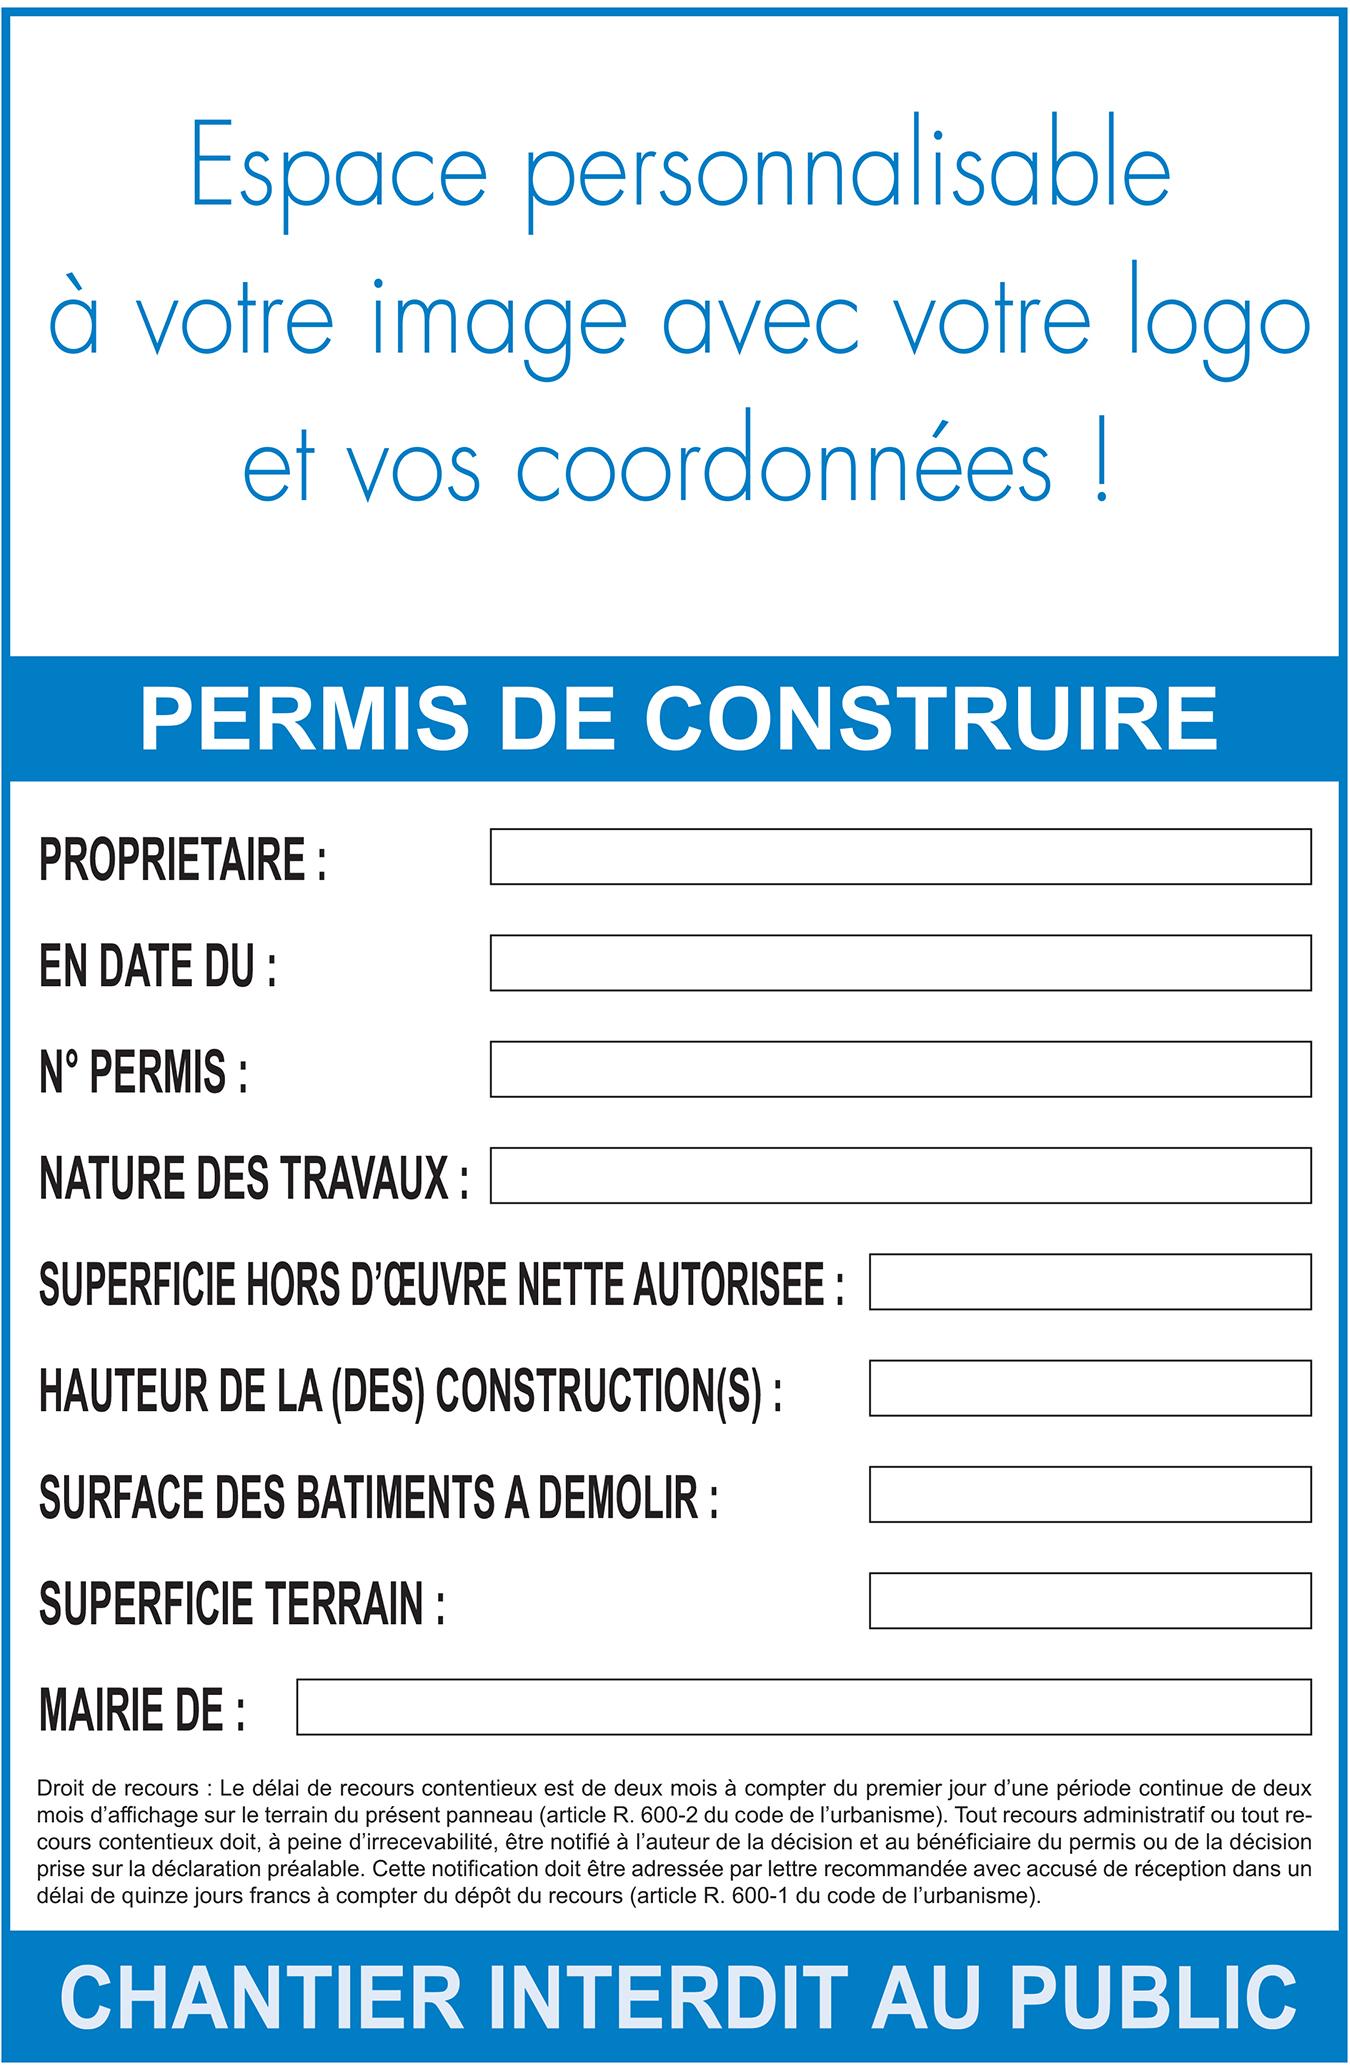 Quelles Informations Faire Figurer Sur Un Panneau Permis De Construire